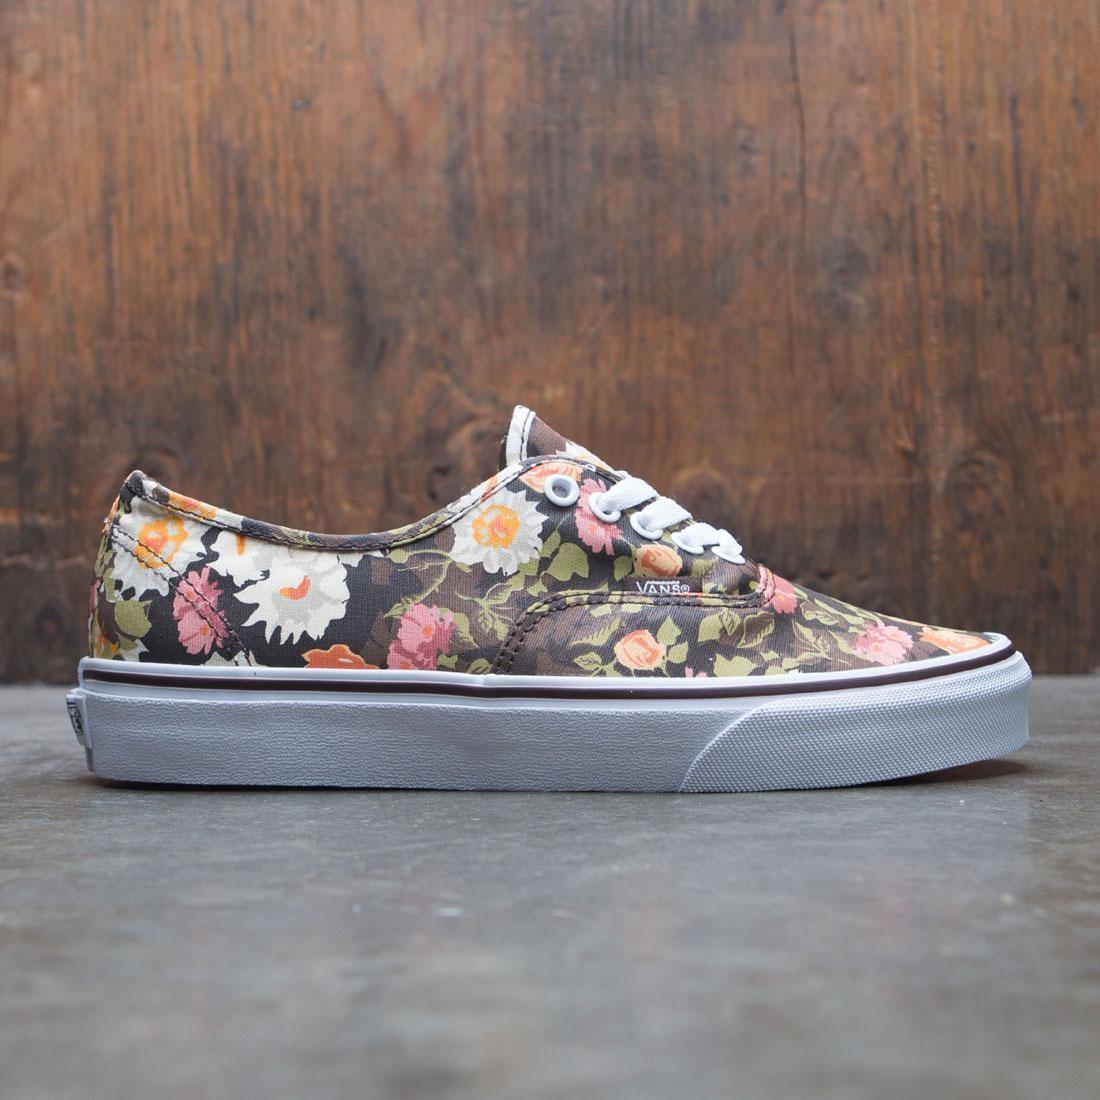 vans scarpe flower